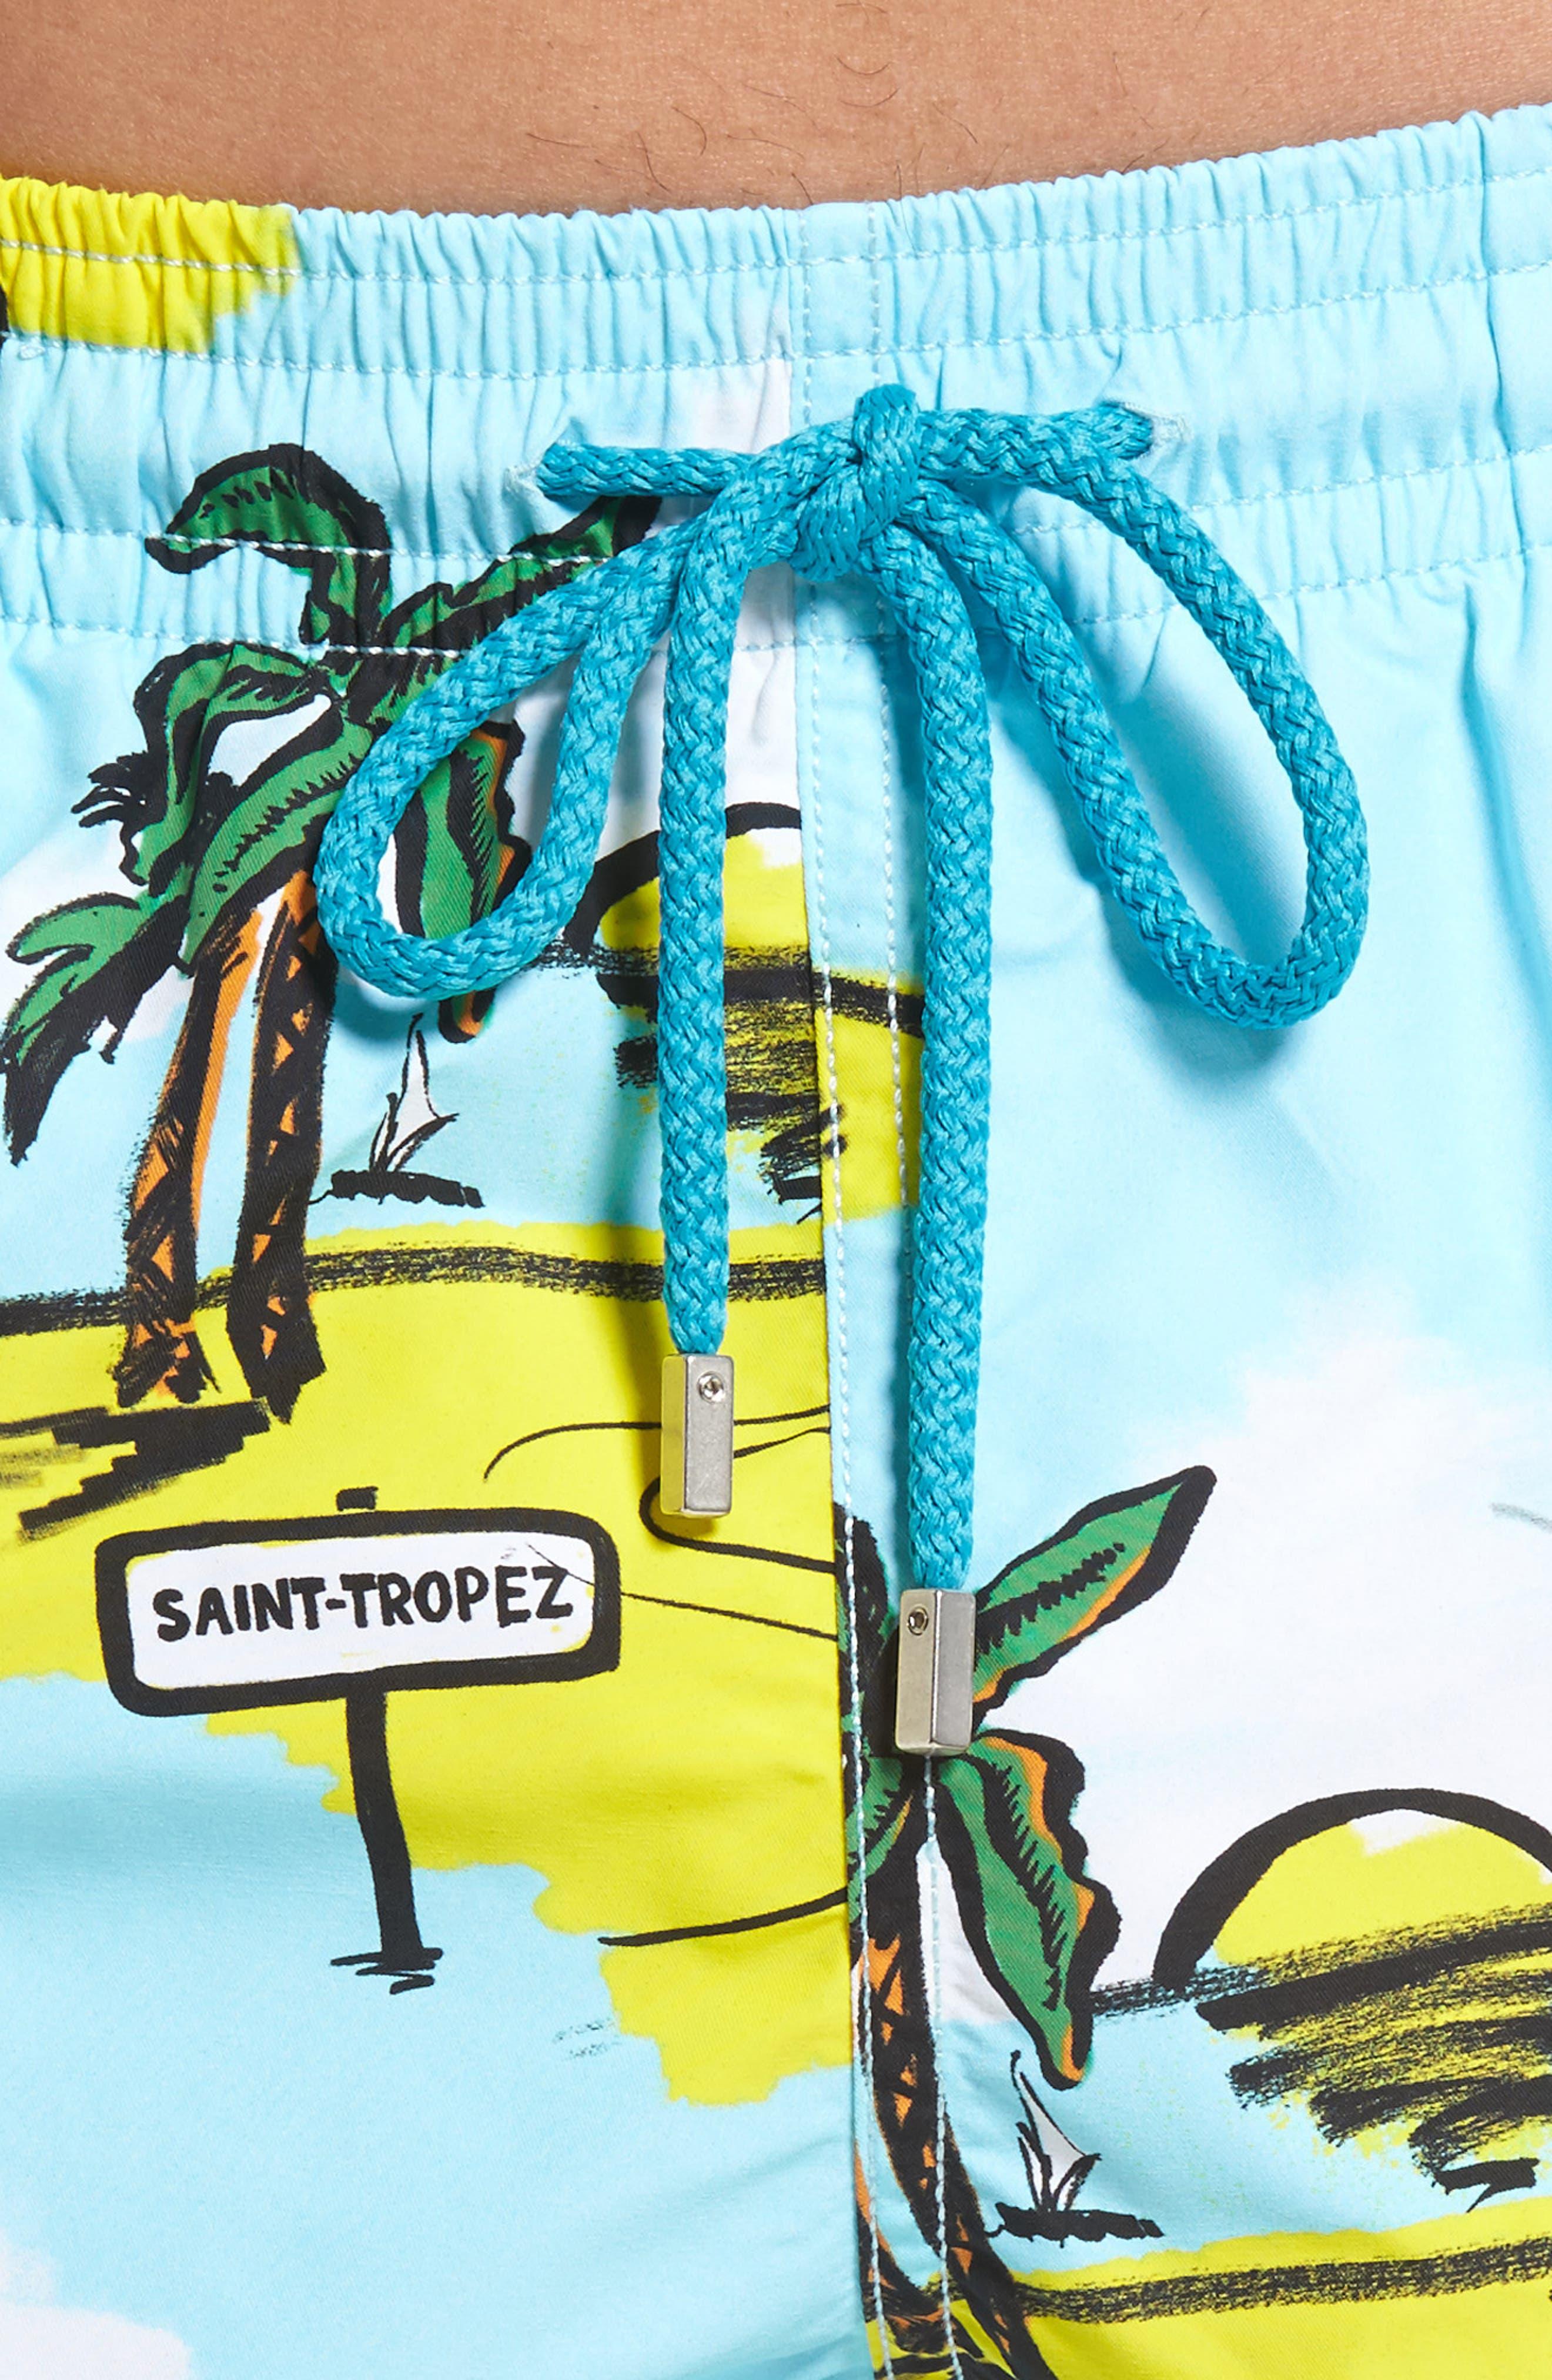 Moorea Mini Moke Print Swim Trunks,                             Alternate thumbnail 4, color,                             FROSTED BLUE